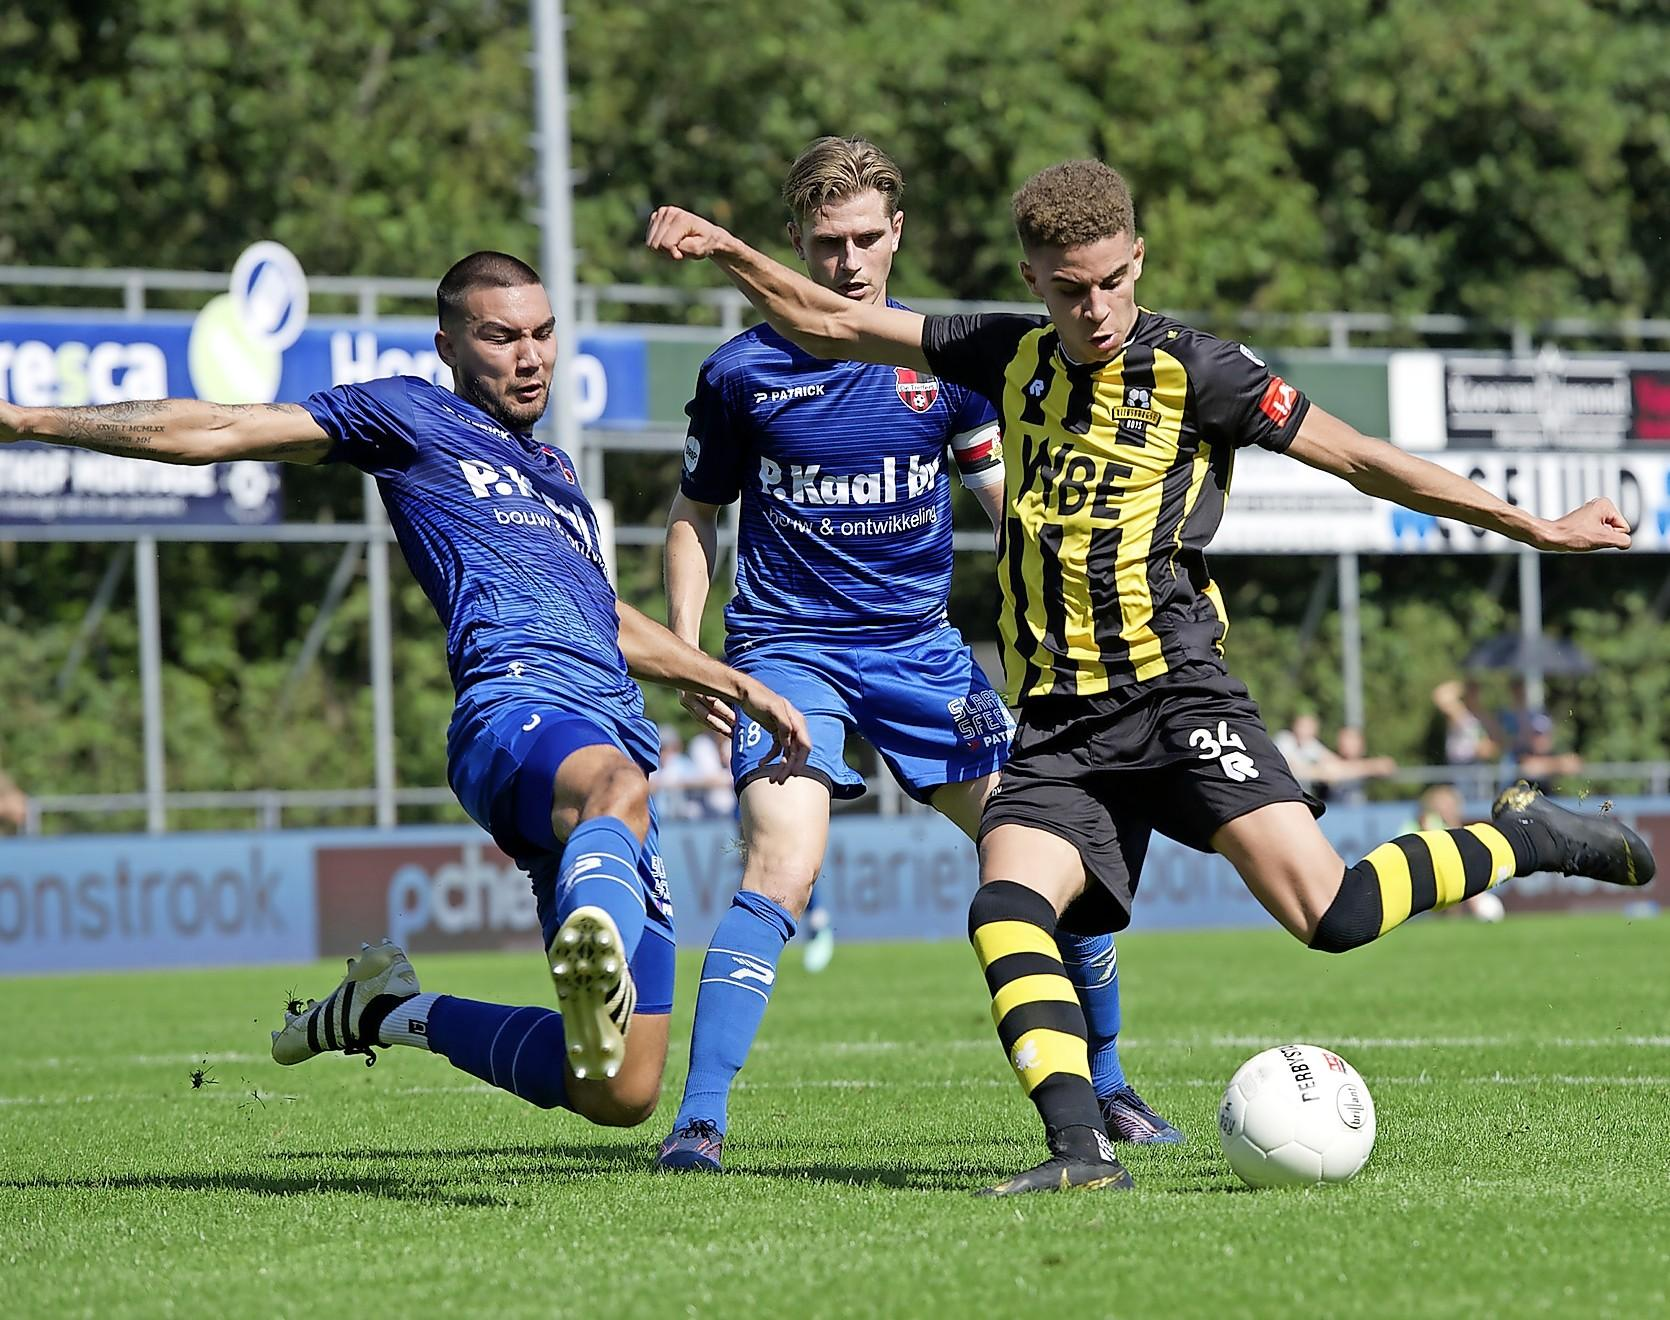 Aanvaller Anthony van Dongen keert terug naar DEM; contract bij Rijnsburgse Boys ontbonden